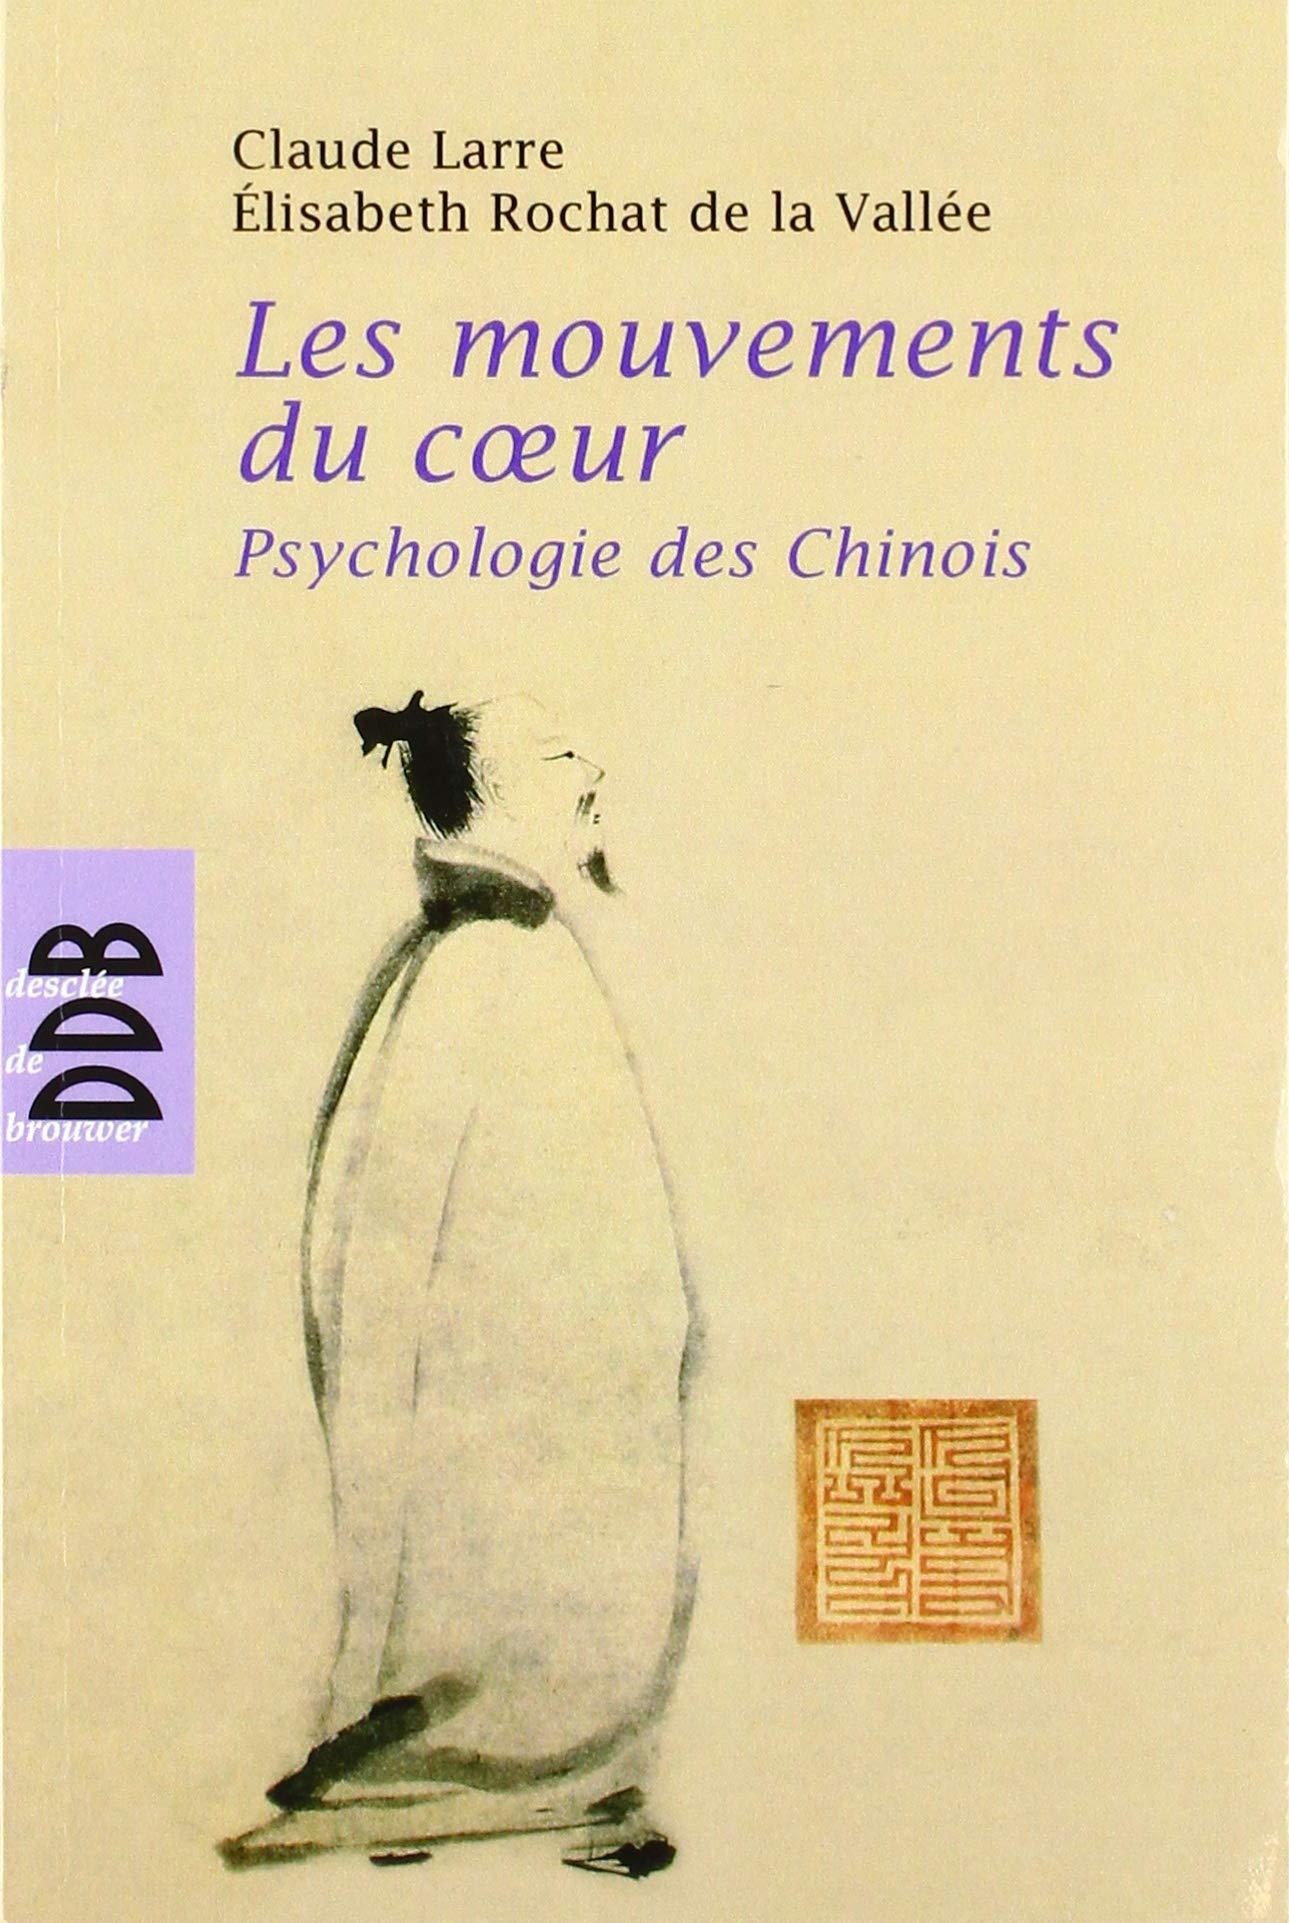 Les Mouvements du coeur: psychologie des Chinois